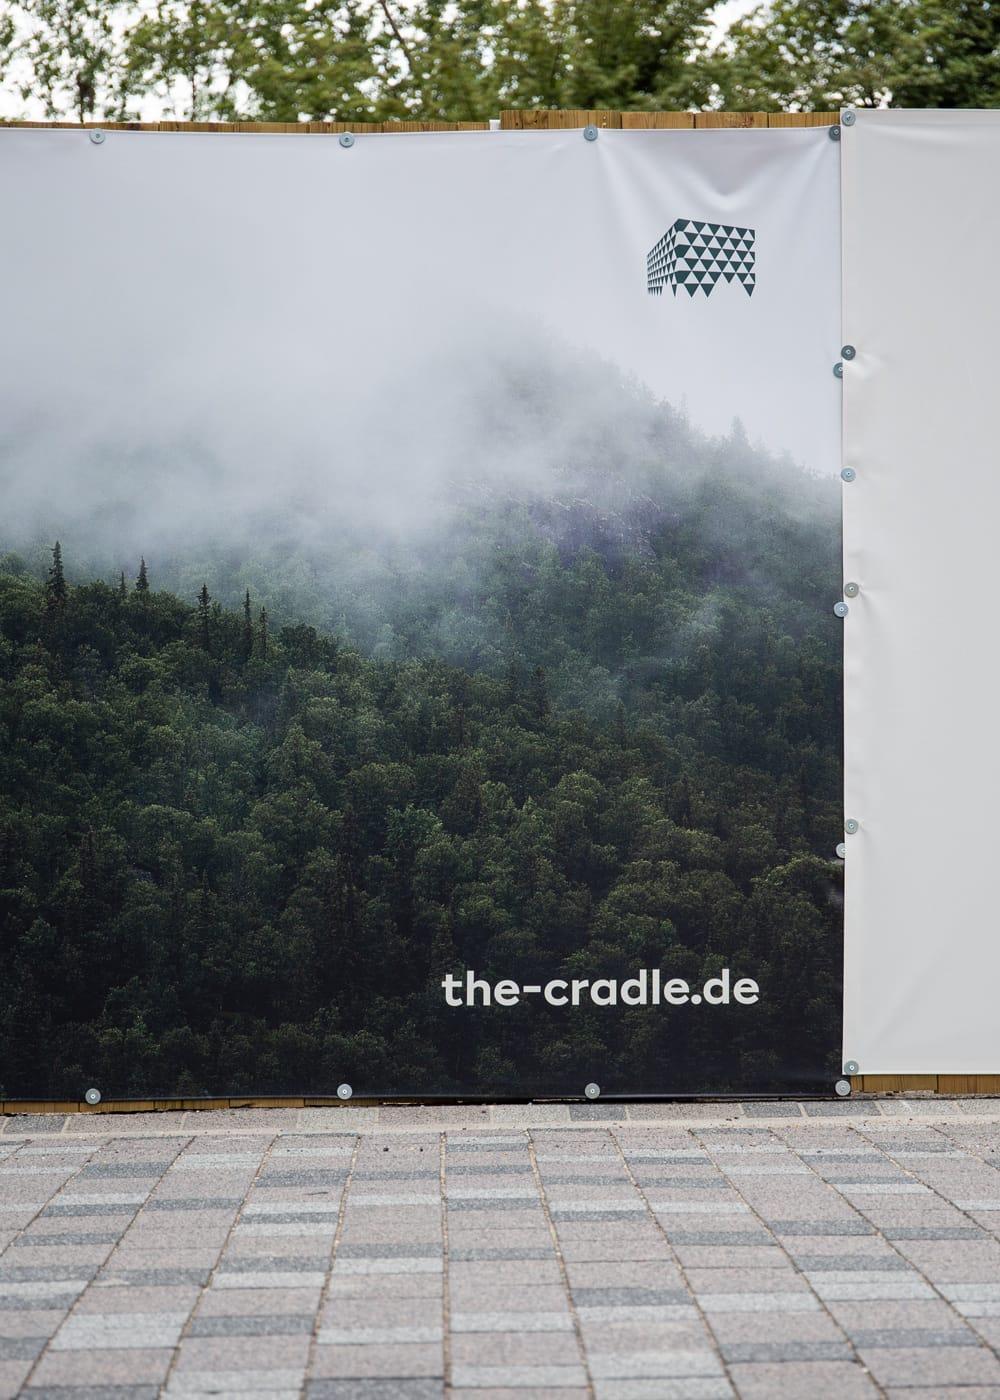 15-thecradle-casestudy